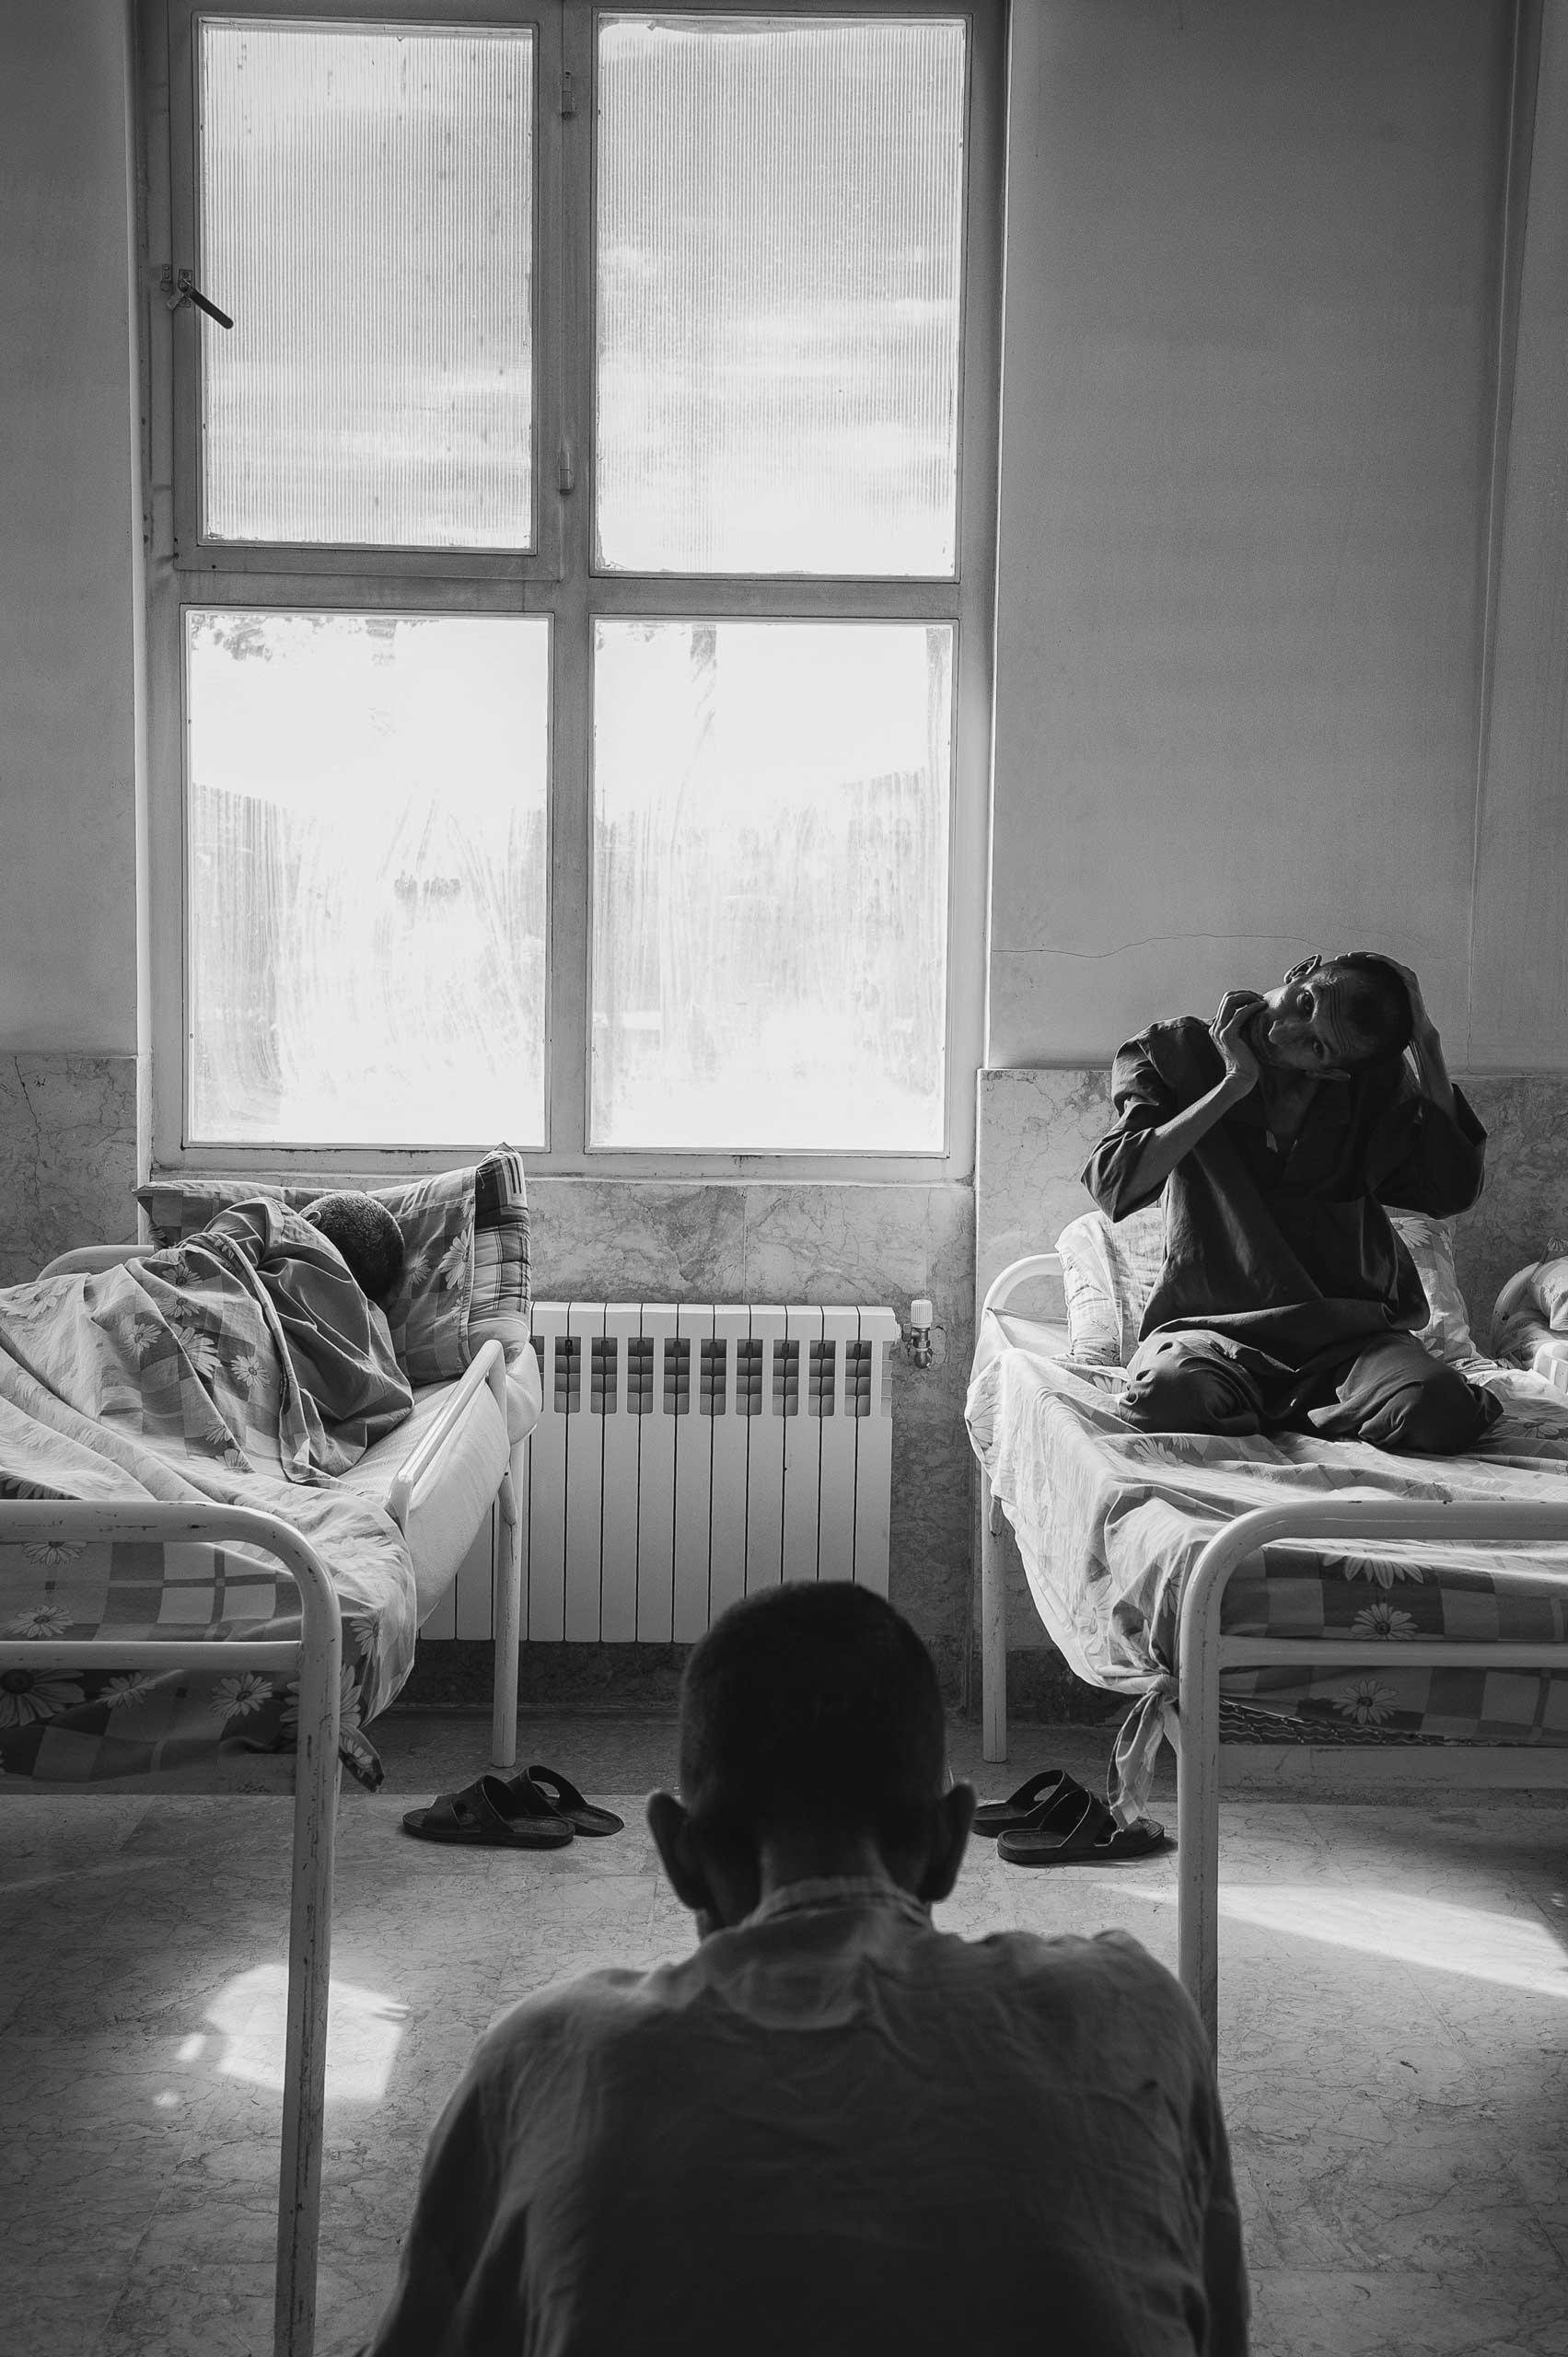 Patients sleeping.